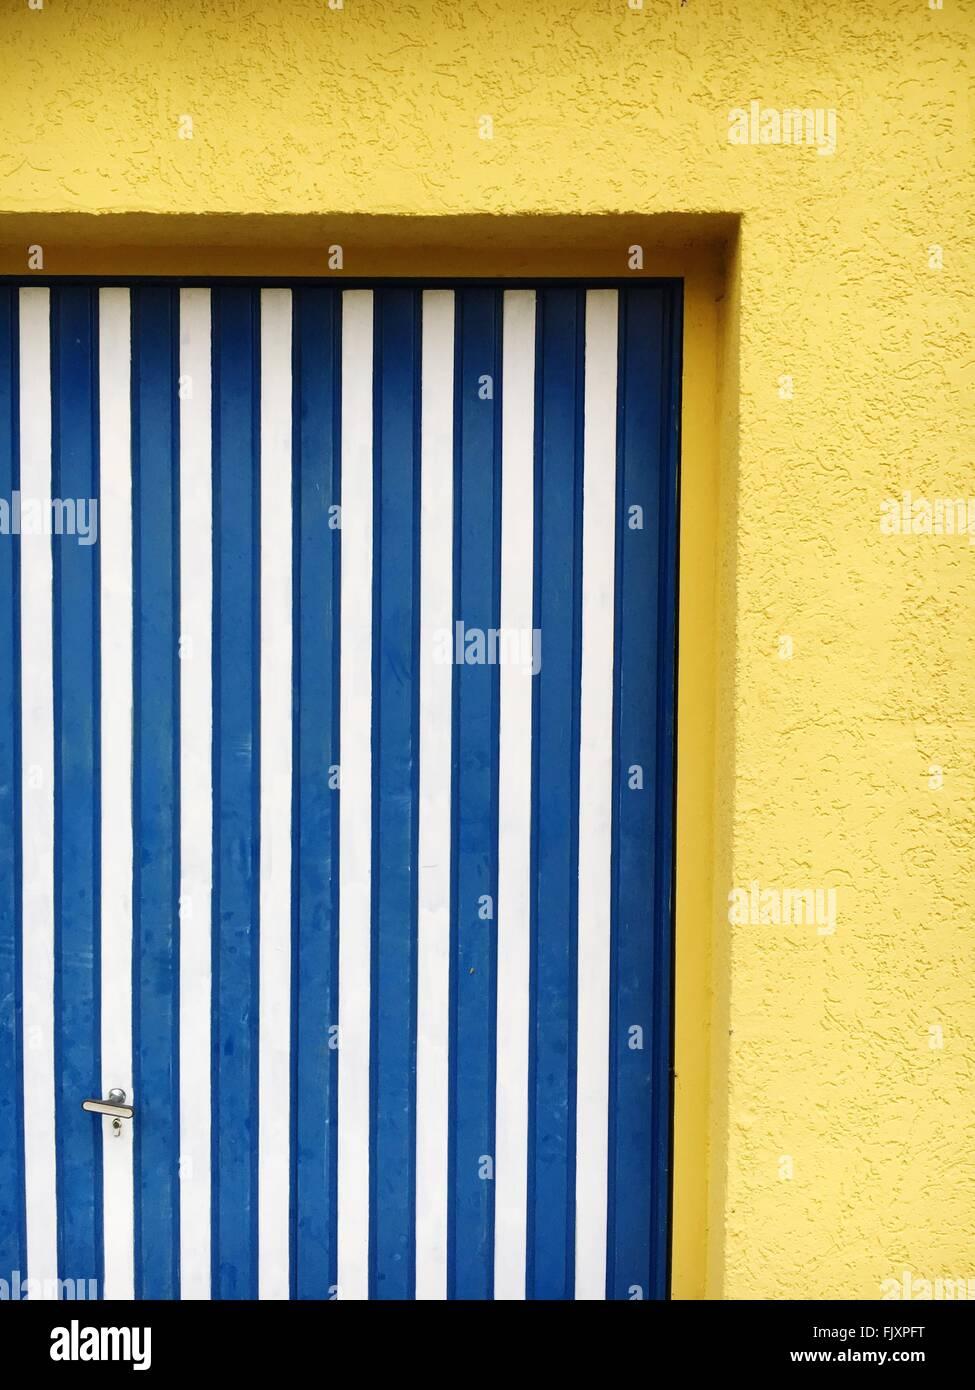 A strisce blu sulla porta di casa gialla Immagini Stock